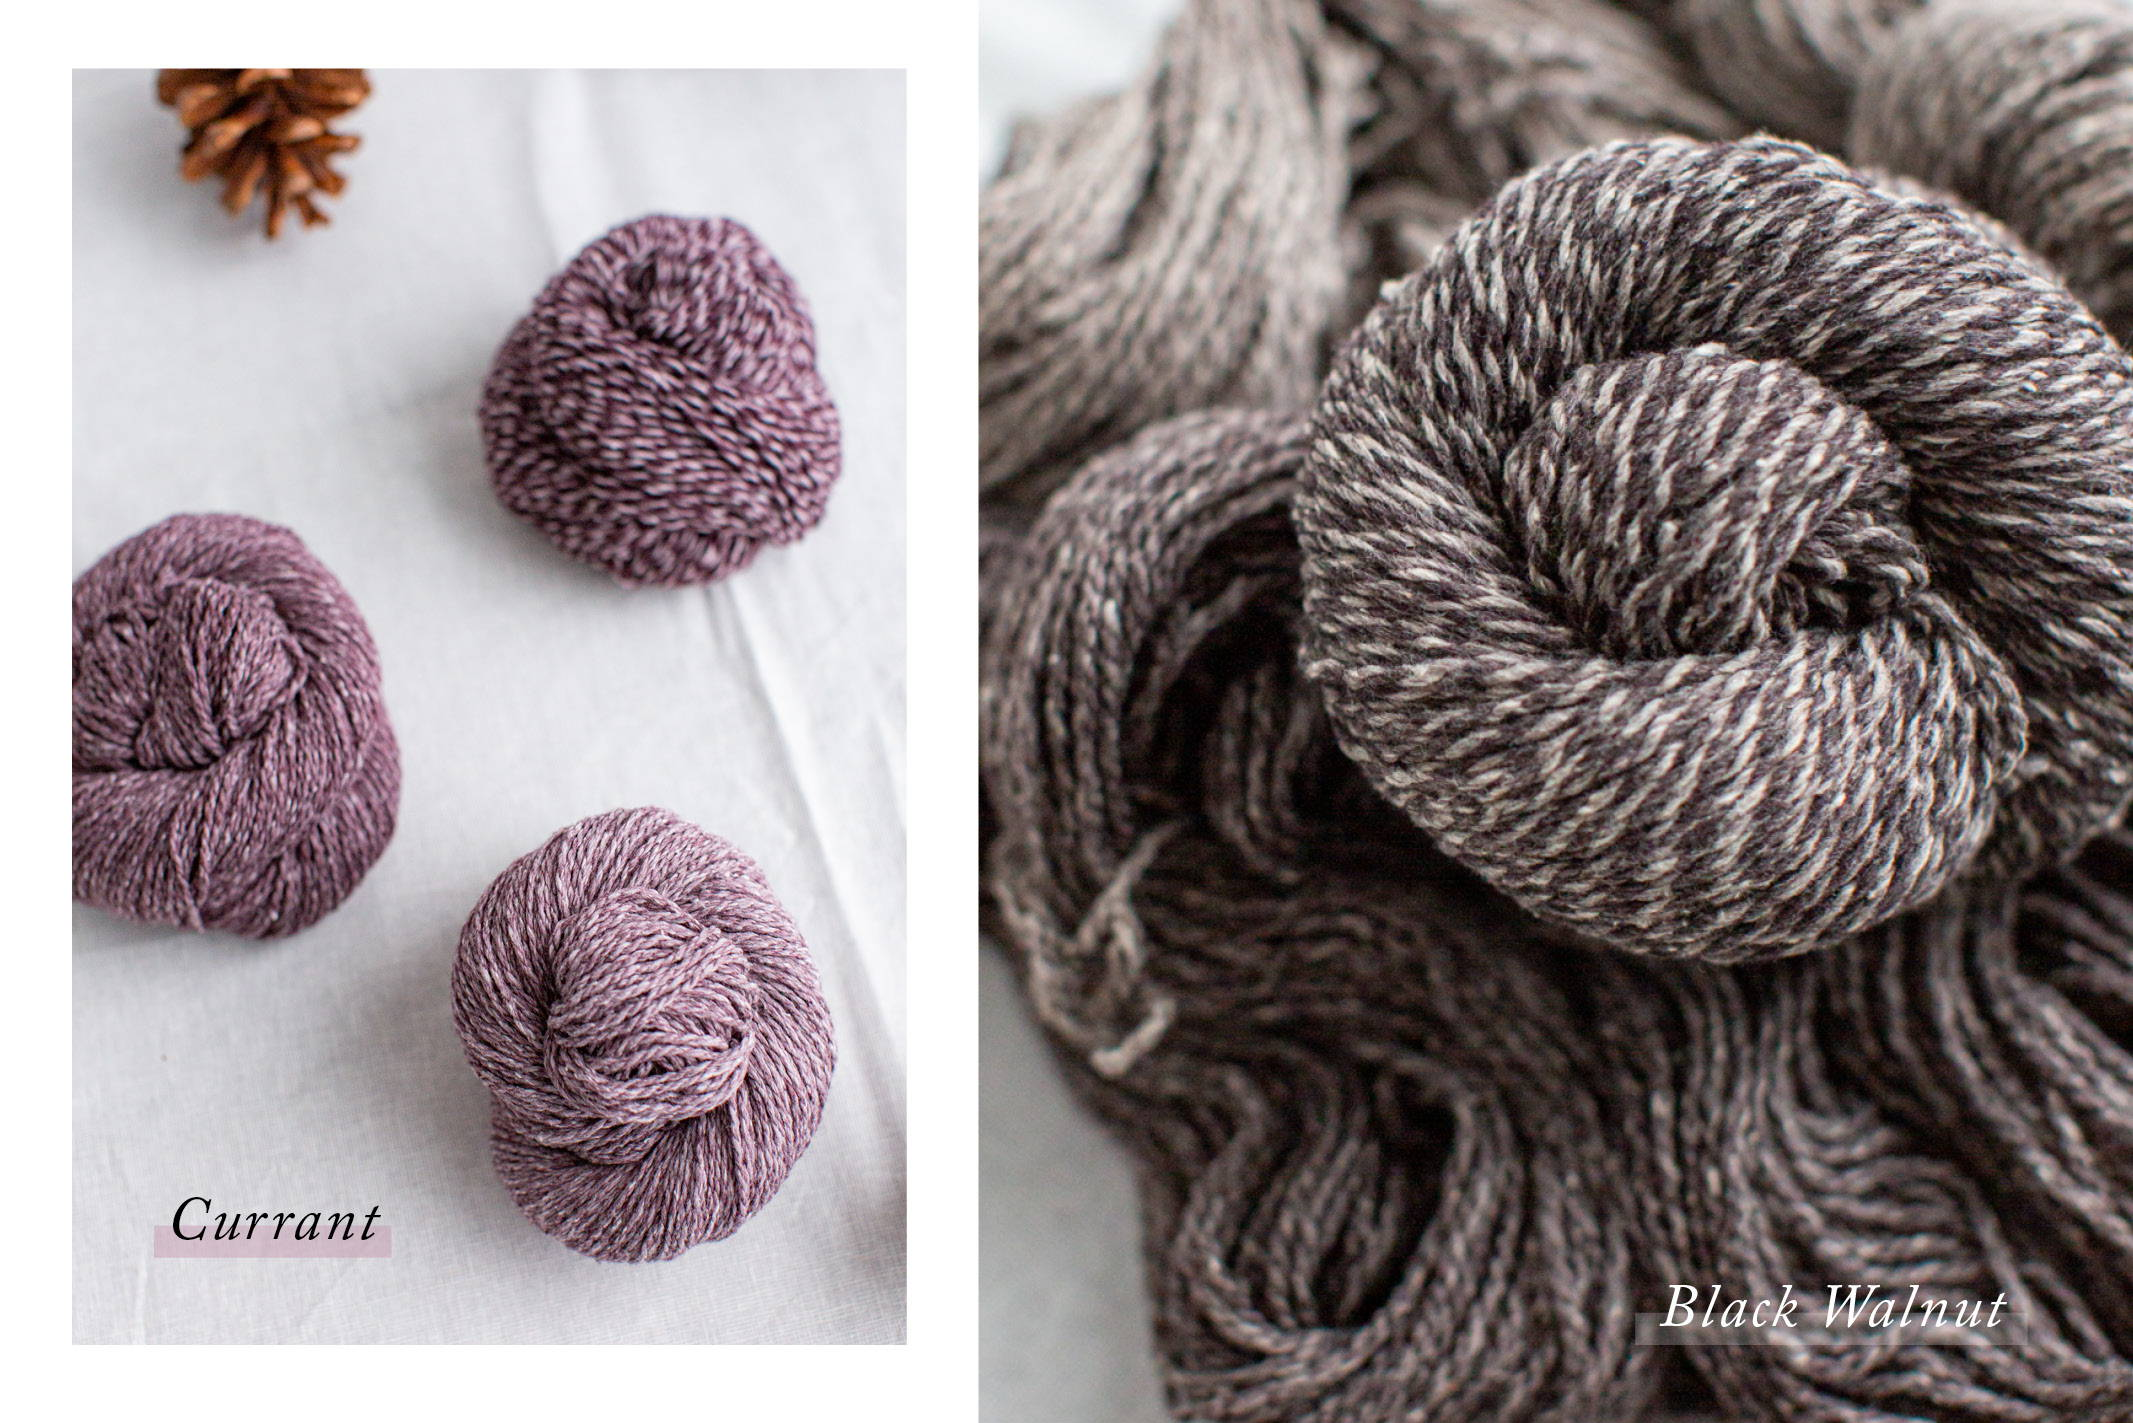 Dapple | Currant & Black Walnut